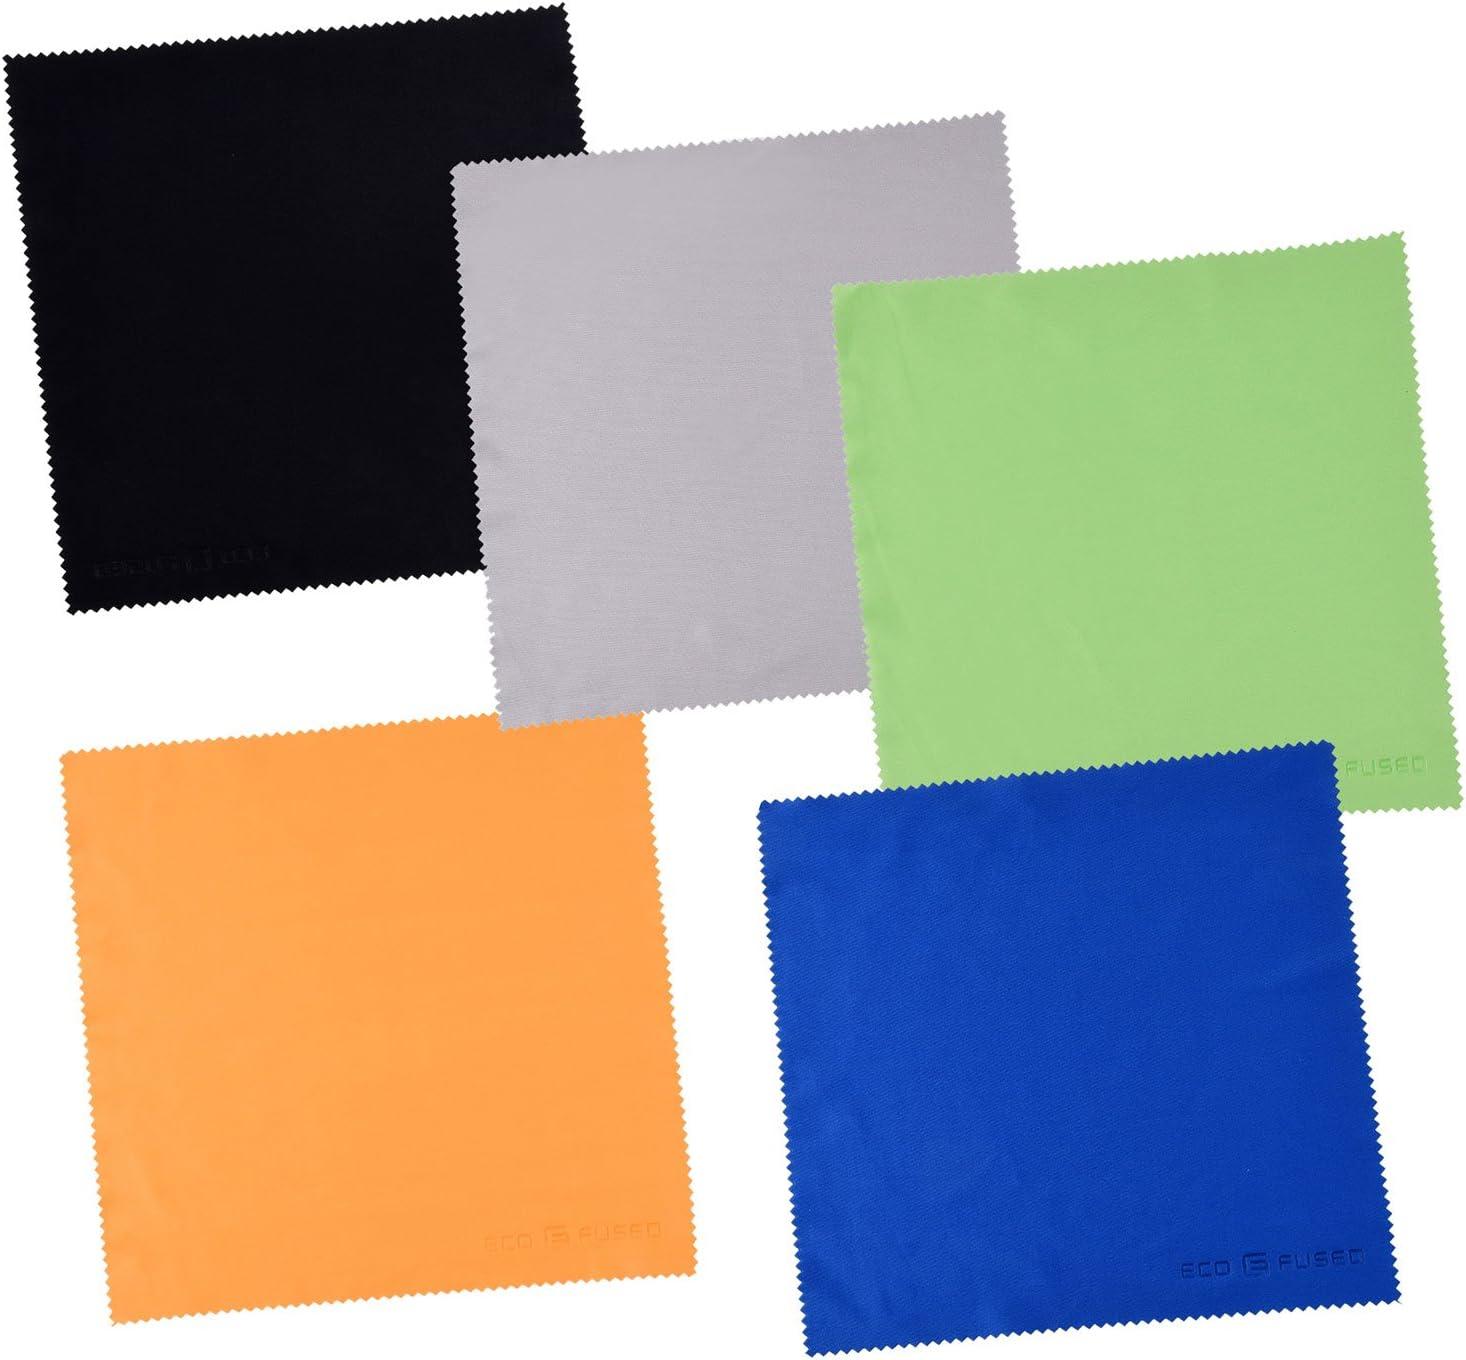 Paños de Limpieza de Microfibra Grandes Eco-Fused - Paquete de 5 – 8 x 8 pulgadas – Perfectos para Pantallas Grandes de TV y Monitores de Computadora - También para Limpiar Antojos, Lentes de Cámara,